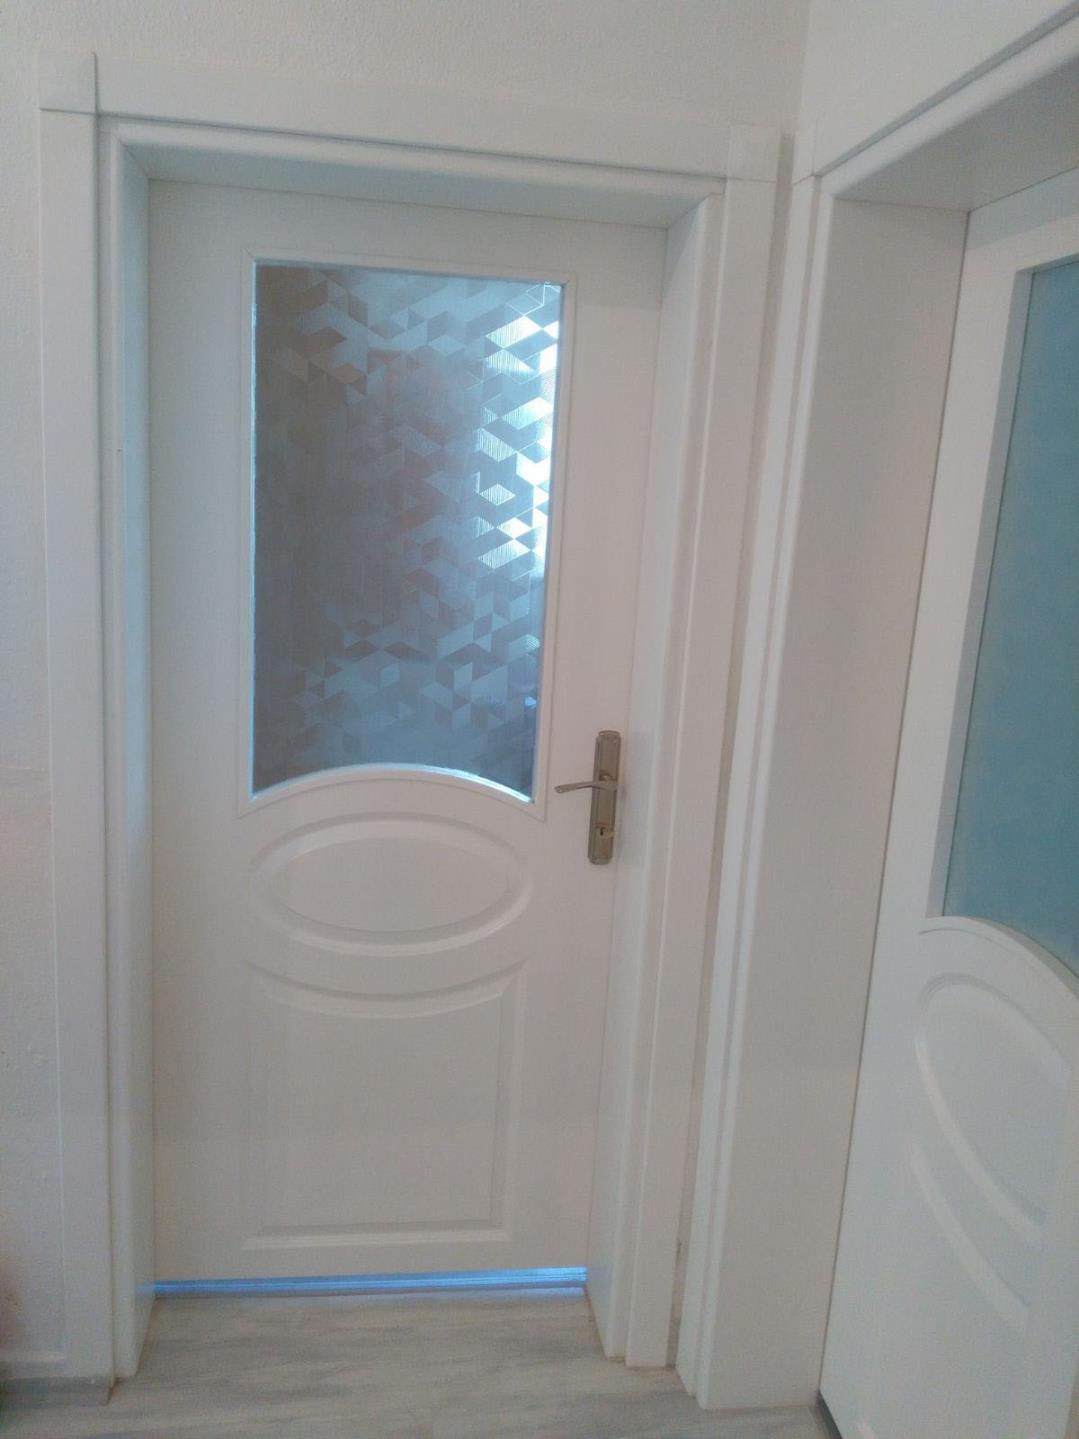 İç Oda Kapıları - 6